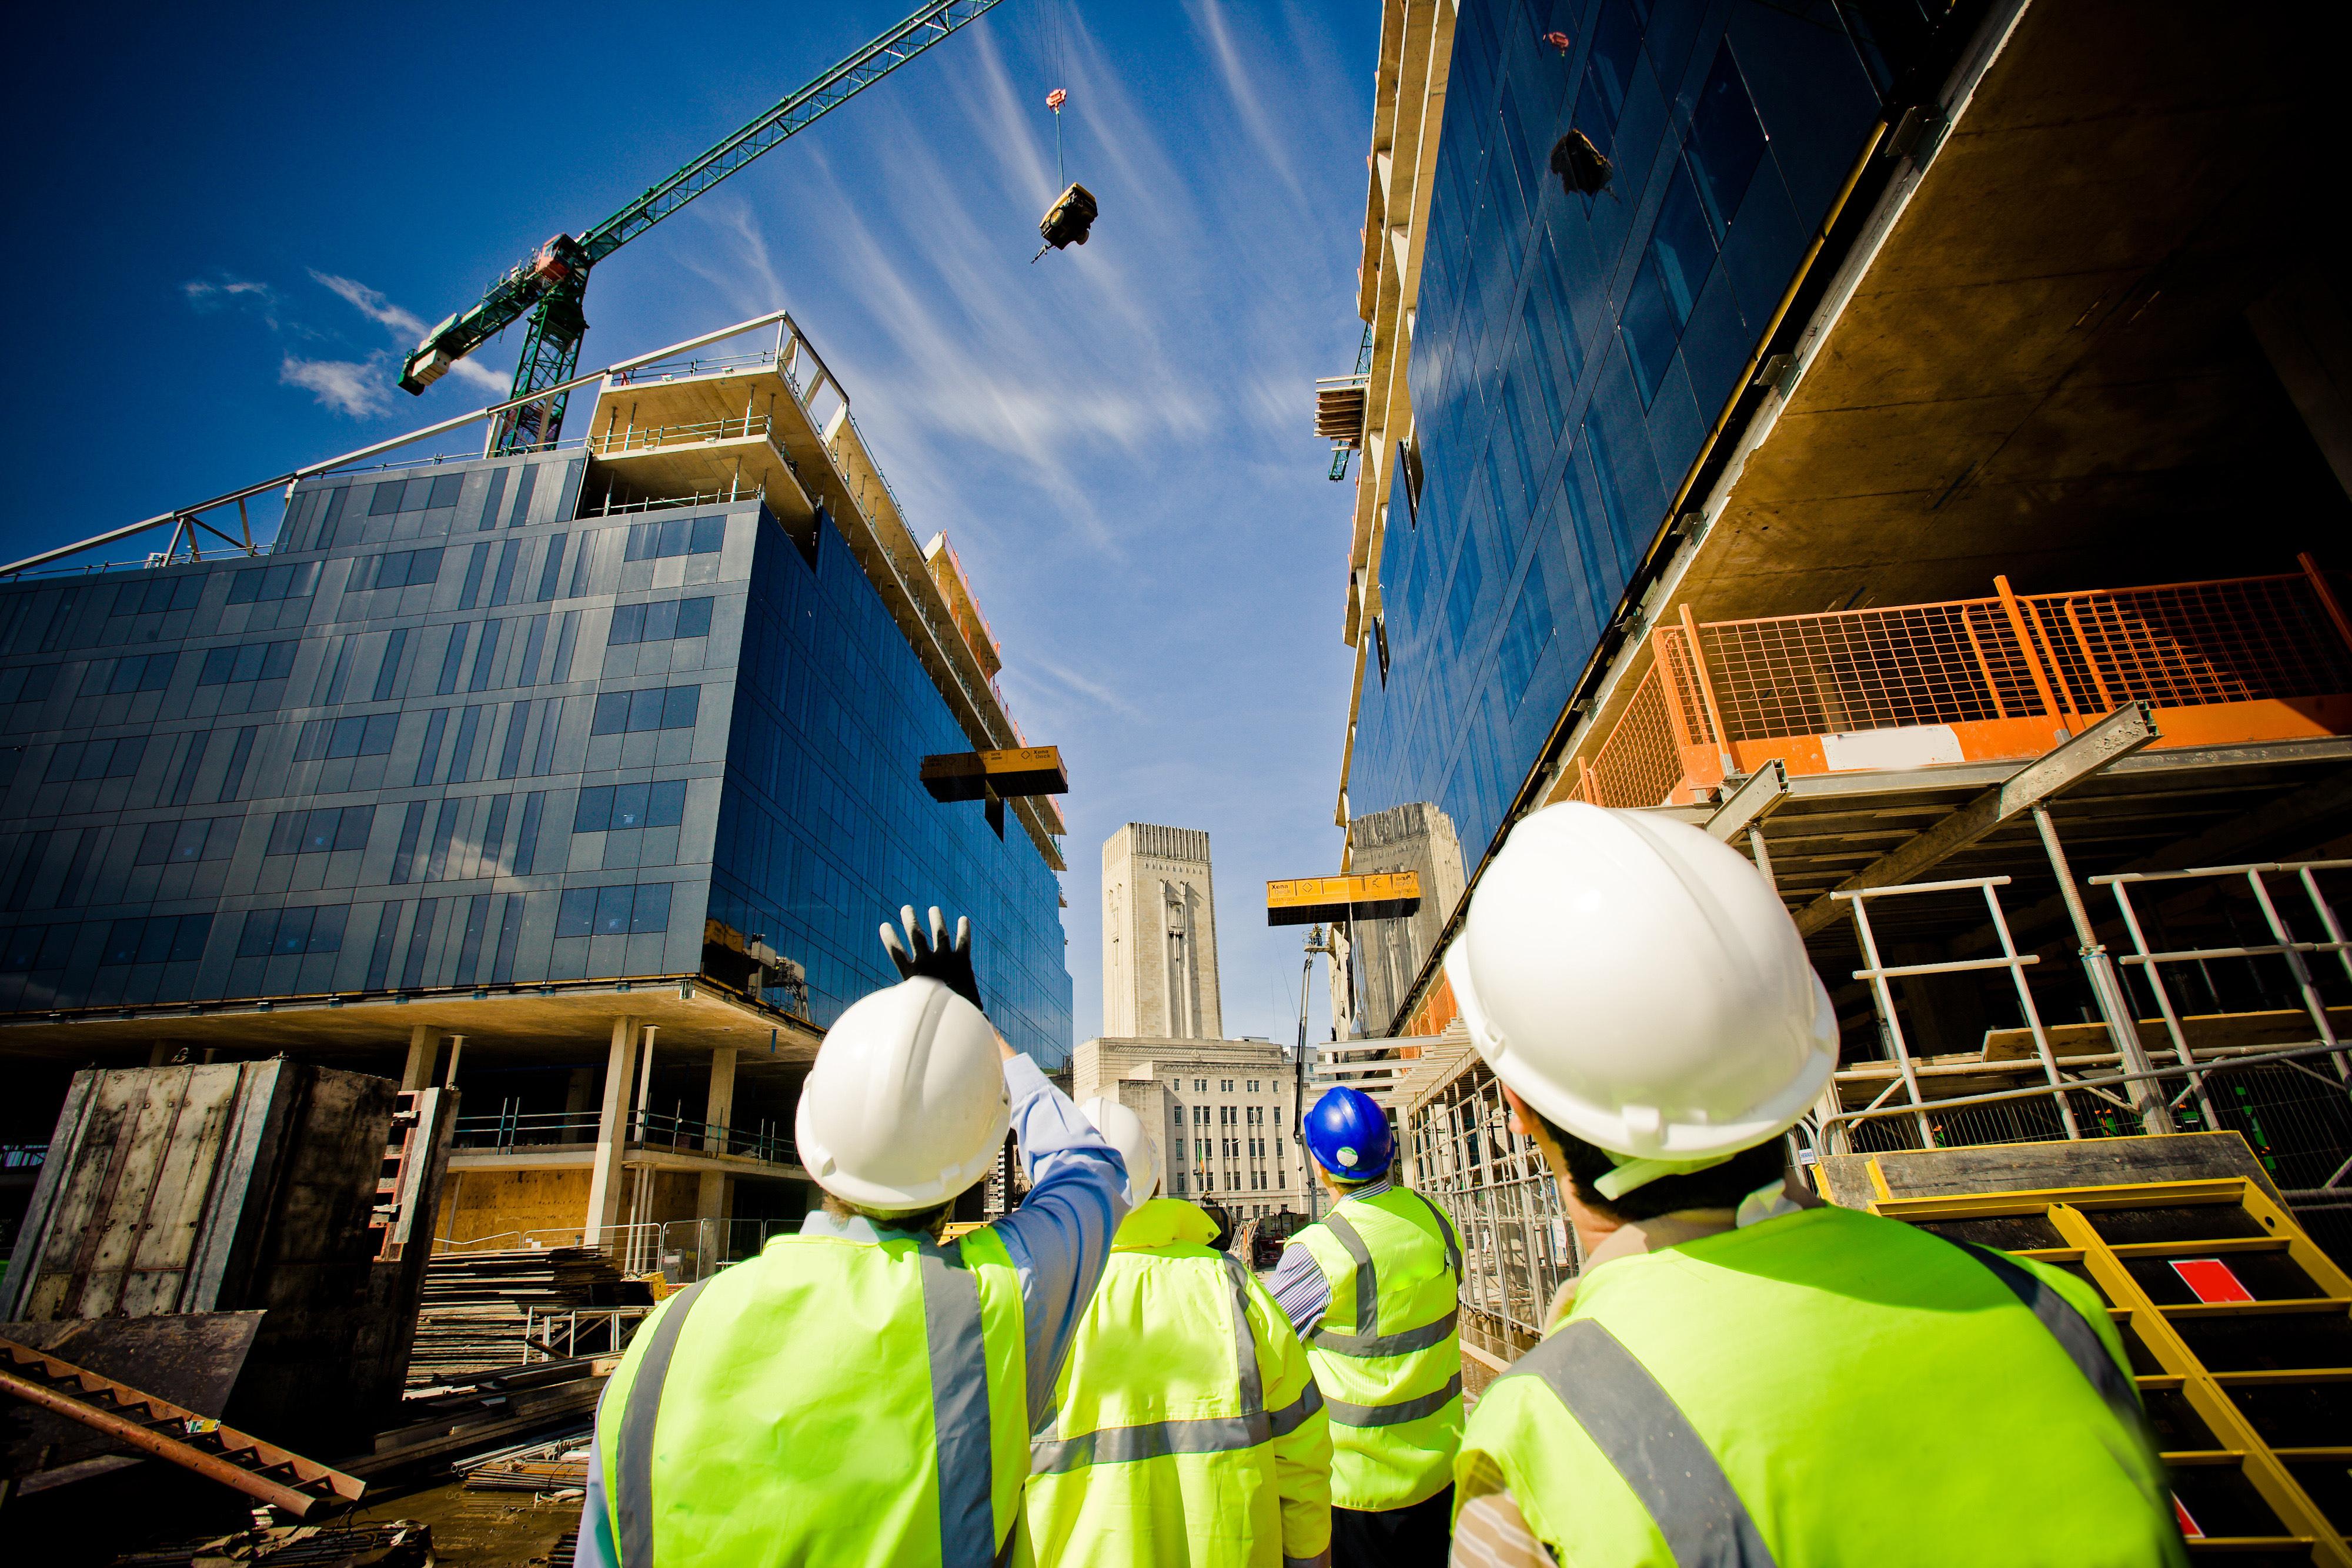 Предприятия –члены Регионального делового клуба строителей признаны лучшими в Новосибирской области по итогам 2016 г